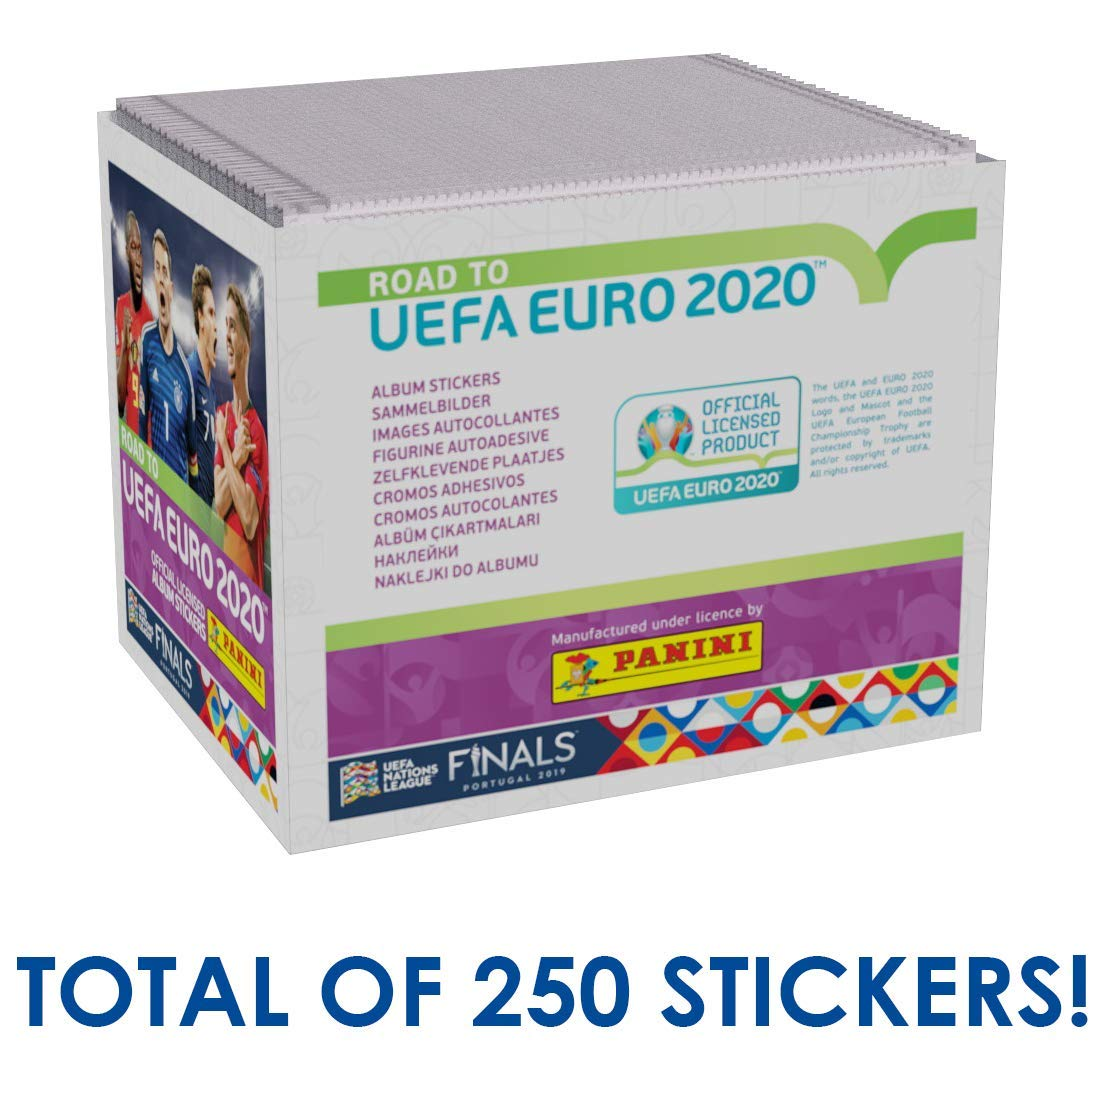 Paquete de 50 Panini Road to UEFA Euro 2020 Caja de Pegatinas coleccionables